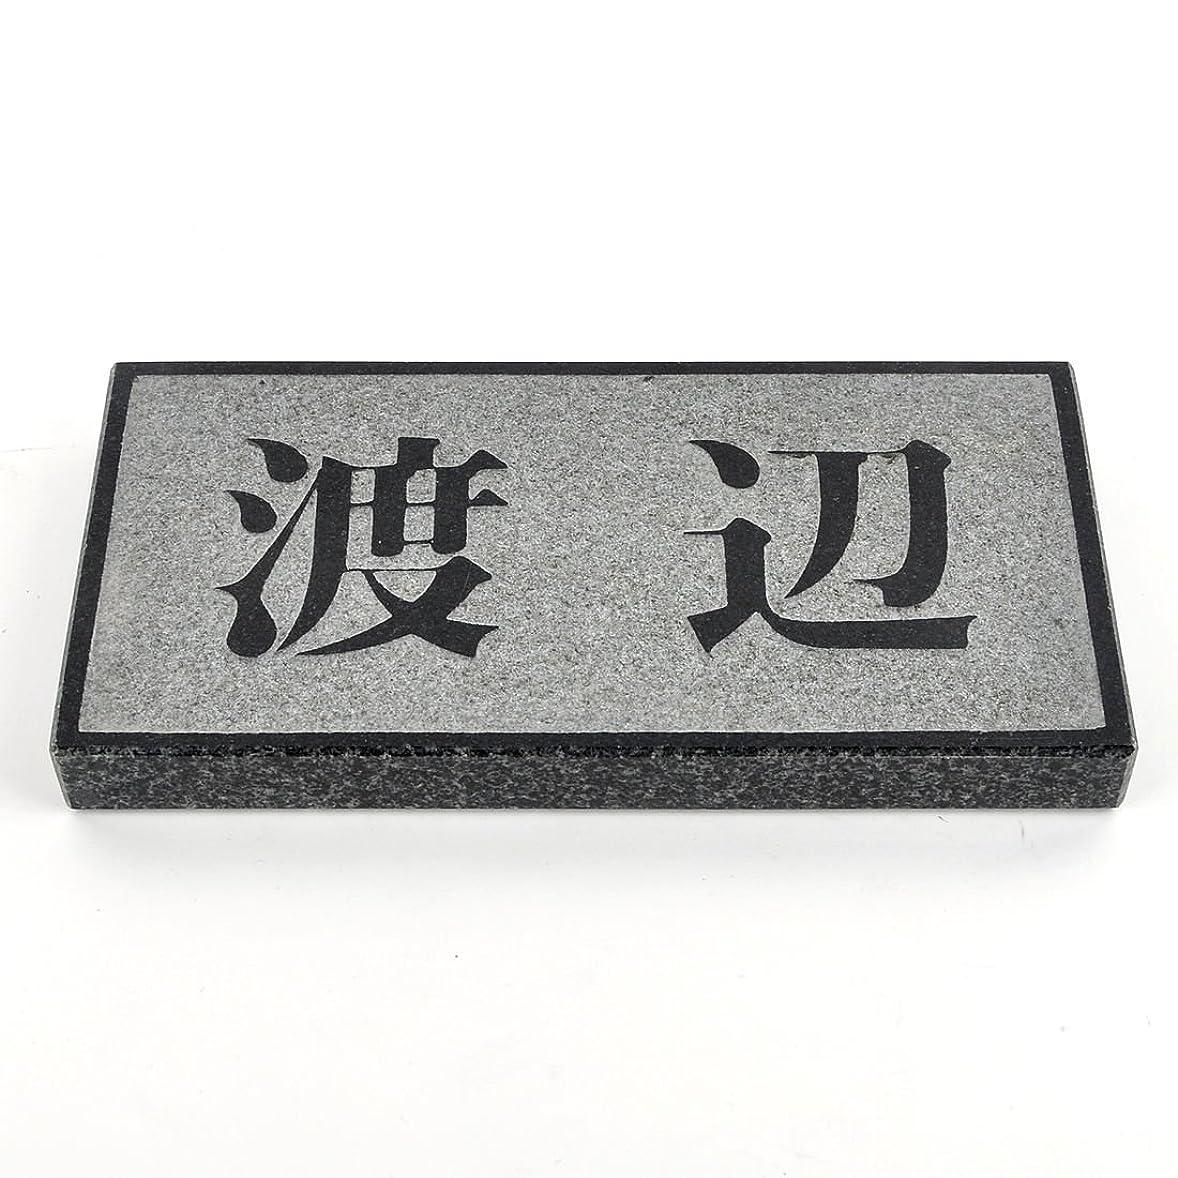 前任者均等に挨拶する御影石 ブラック 浮き彫り 枠付き 180x90 or 198x83 (厚さ20mm) (横型)